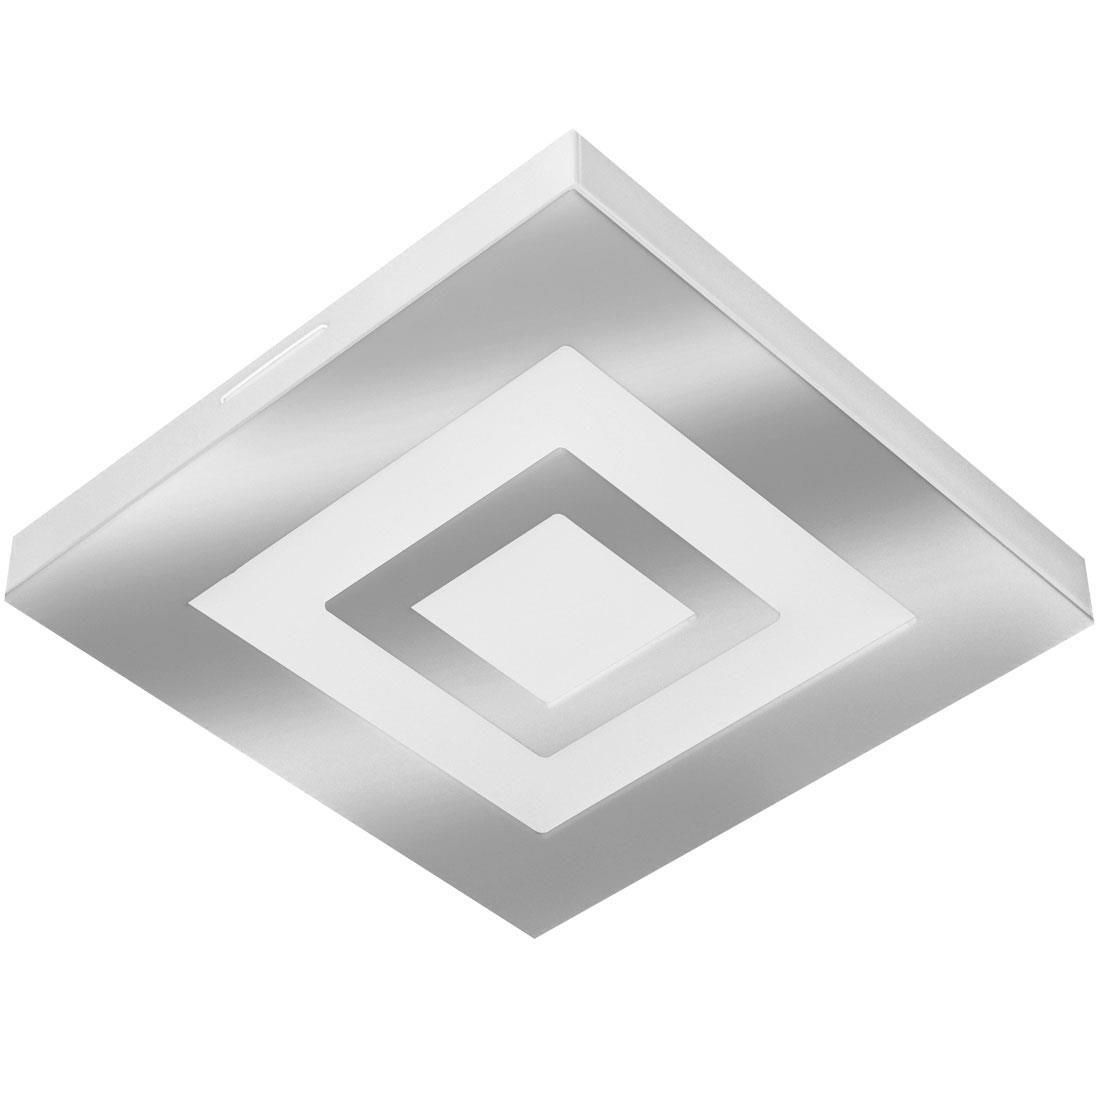 PLAFON LED ASTURIAS 26X26 16W  - TUALUX